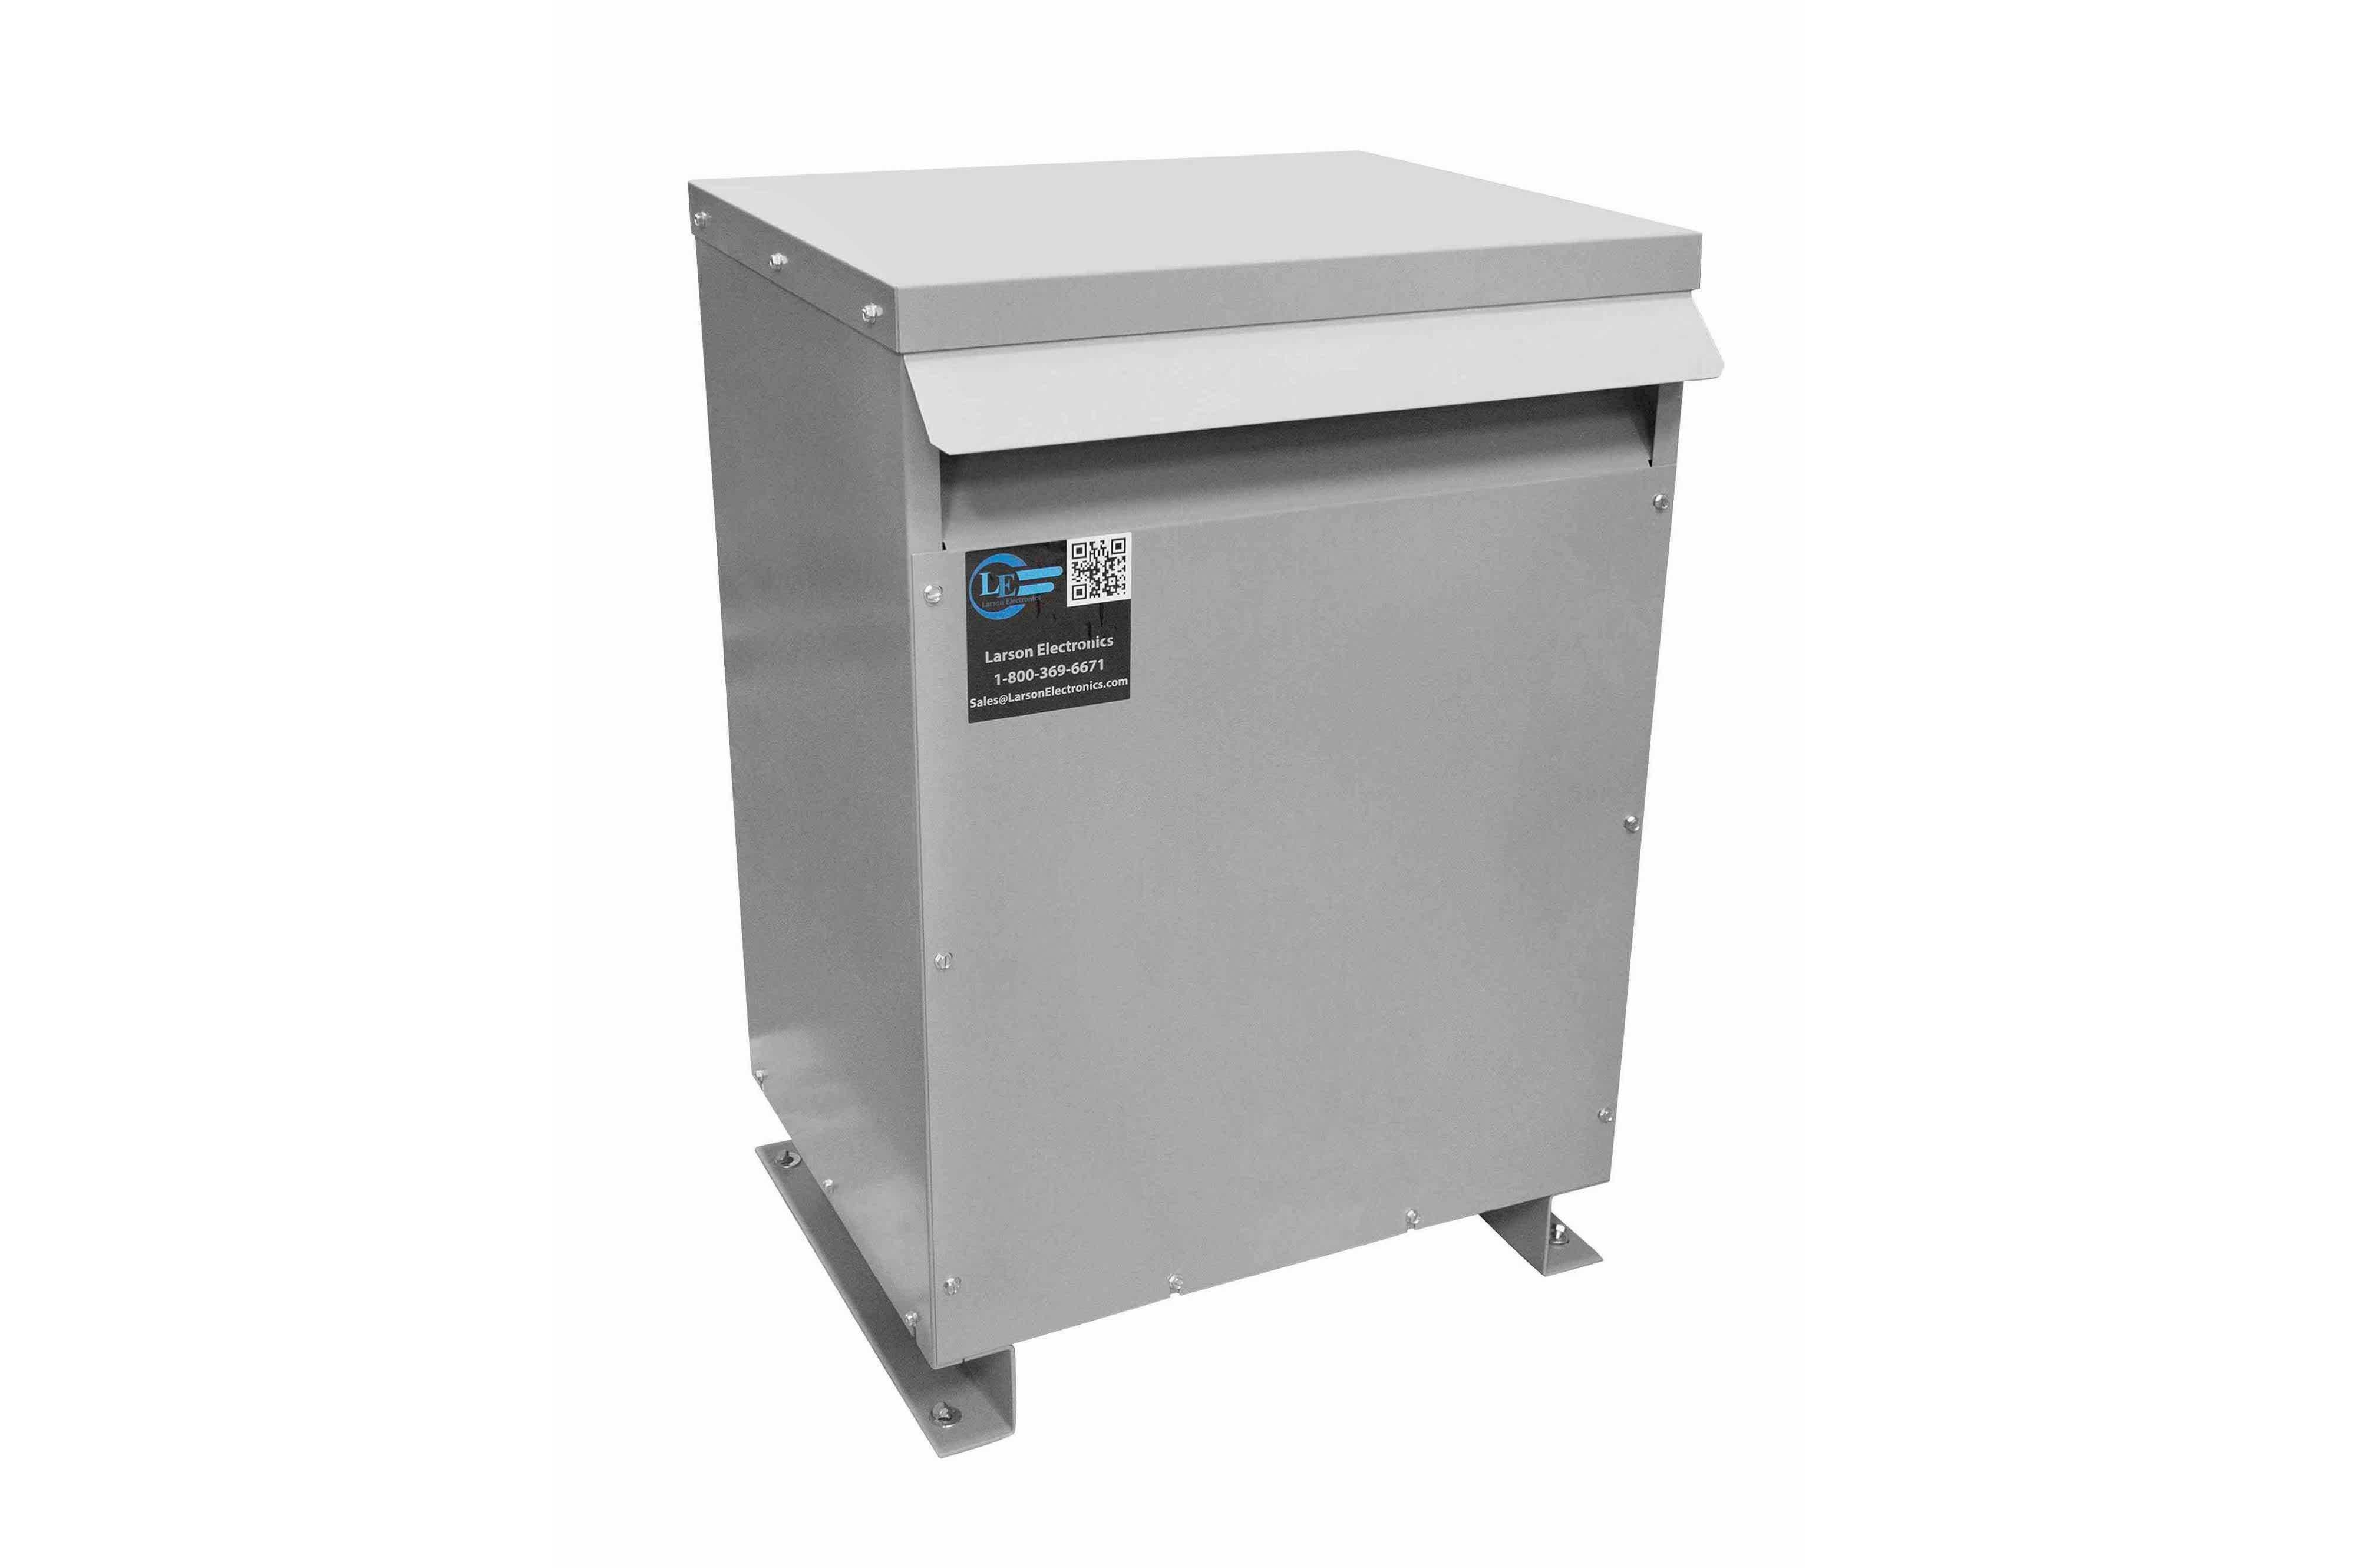 55 kVA 3PH Isolation Transformer, 400V Delta Primary, 600V Delta Secondary, N3R, Ventilated, 60 Hz